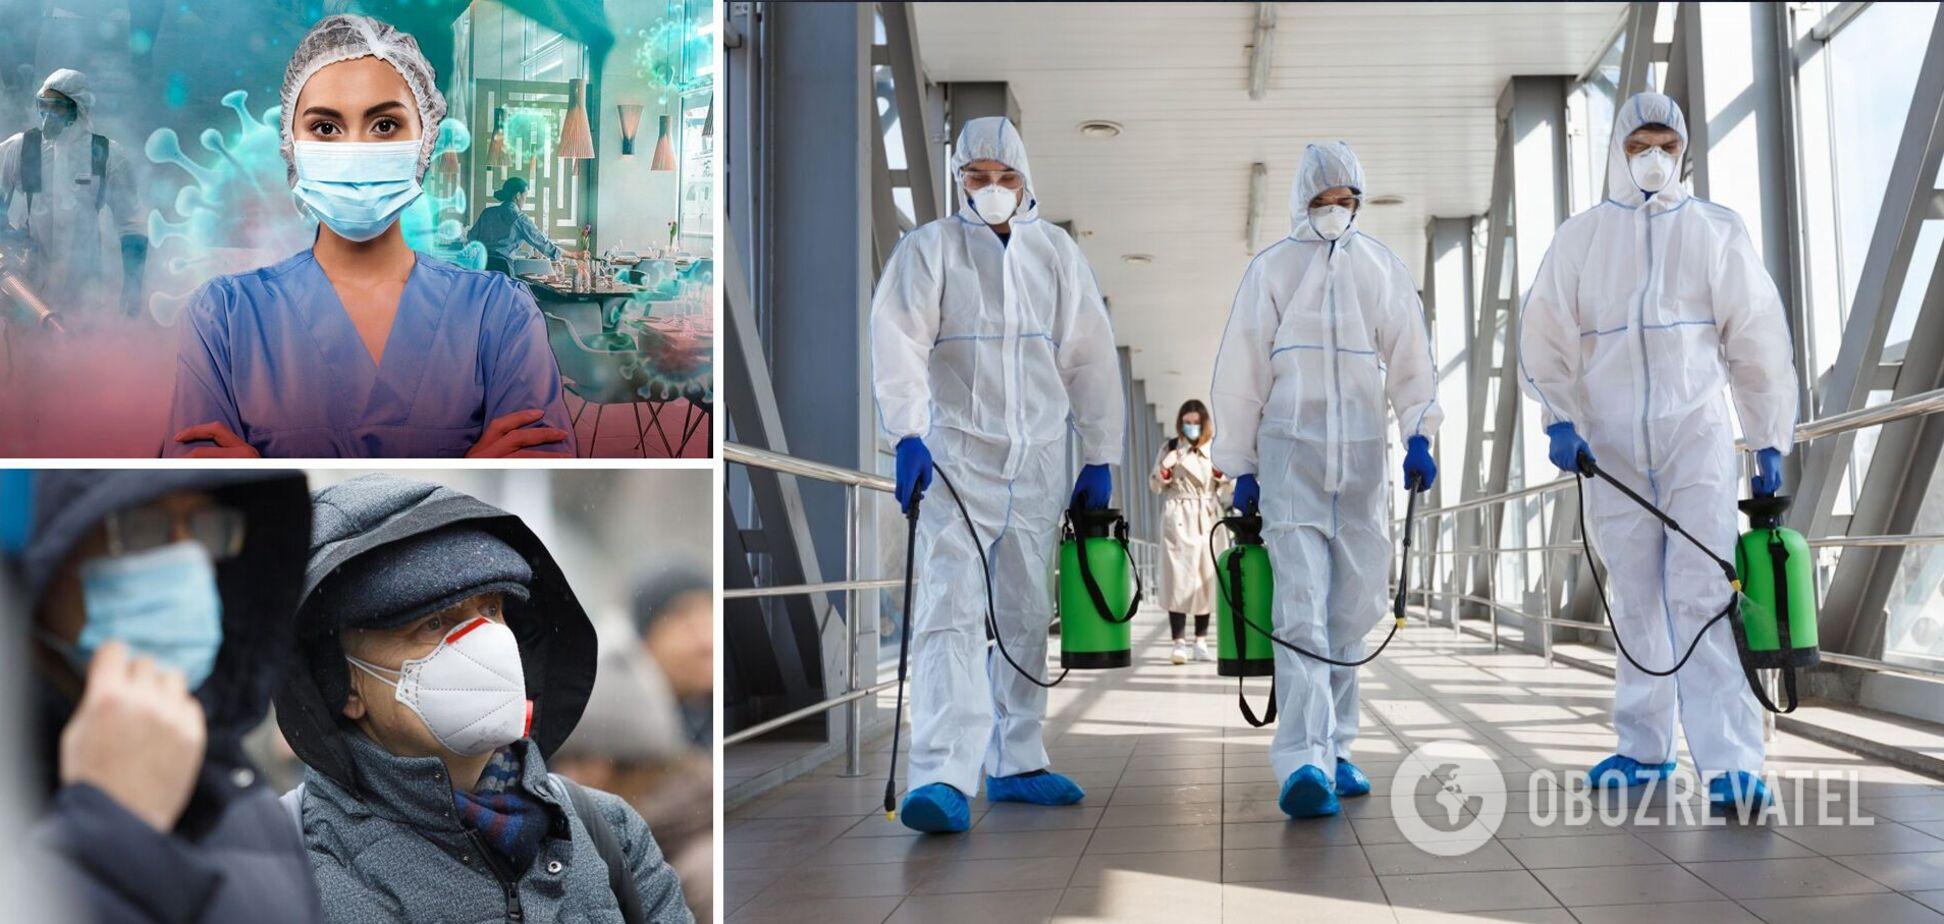 Украинцы болеют коронавирусом по второму и третьему разу: кто в зоне риска и как спастись